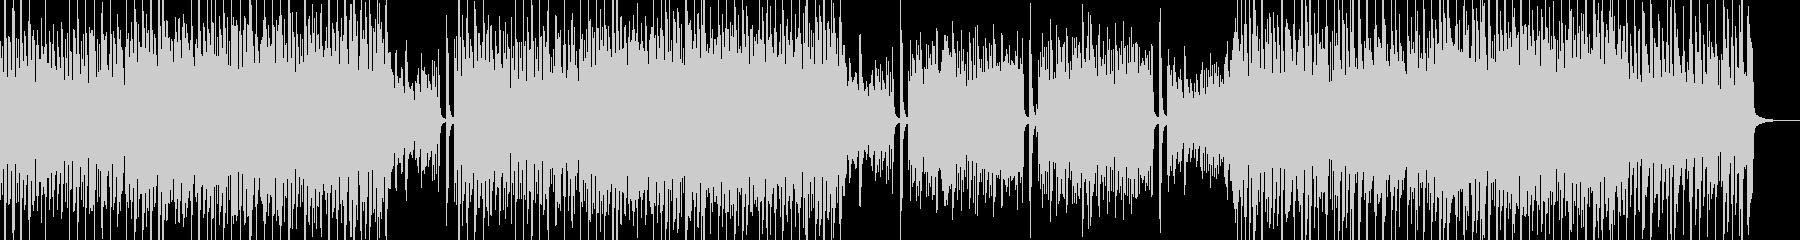 シンプル&スマートなポップス・ベース無の未再生の波形